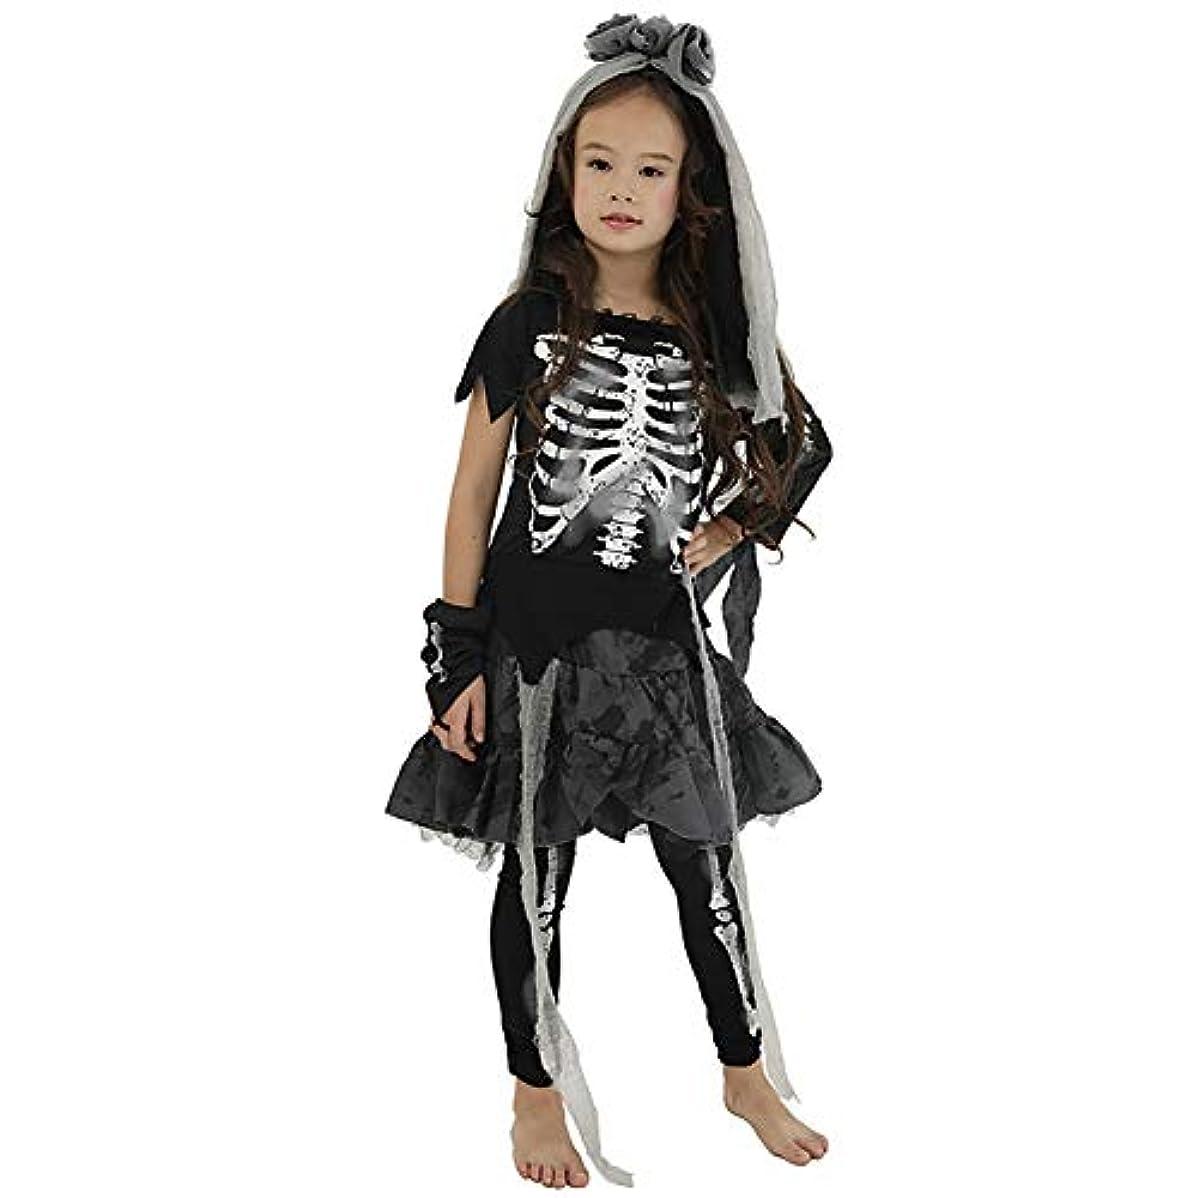 拡大するに負けるリボンKUKUYA(ククヤ) ハロウィン 仮装 どくろ 子供 コスプレ コスチューム 花嫁 女の子 悪魔 キッズ 衣装 halloween